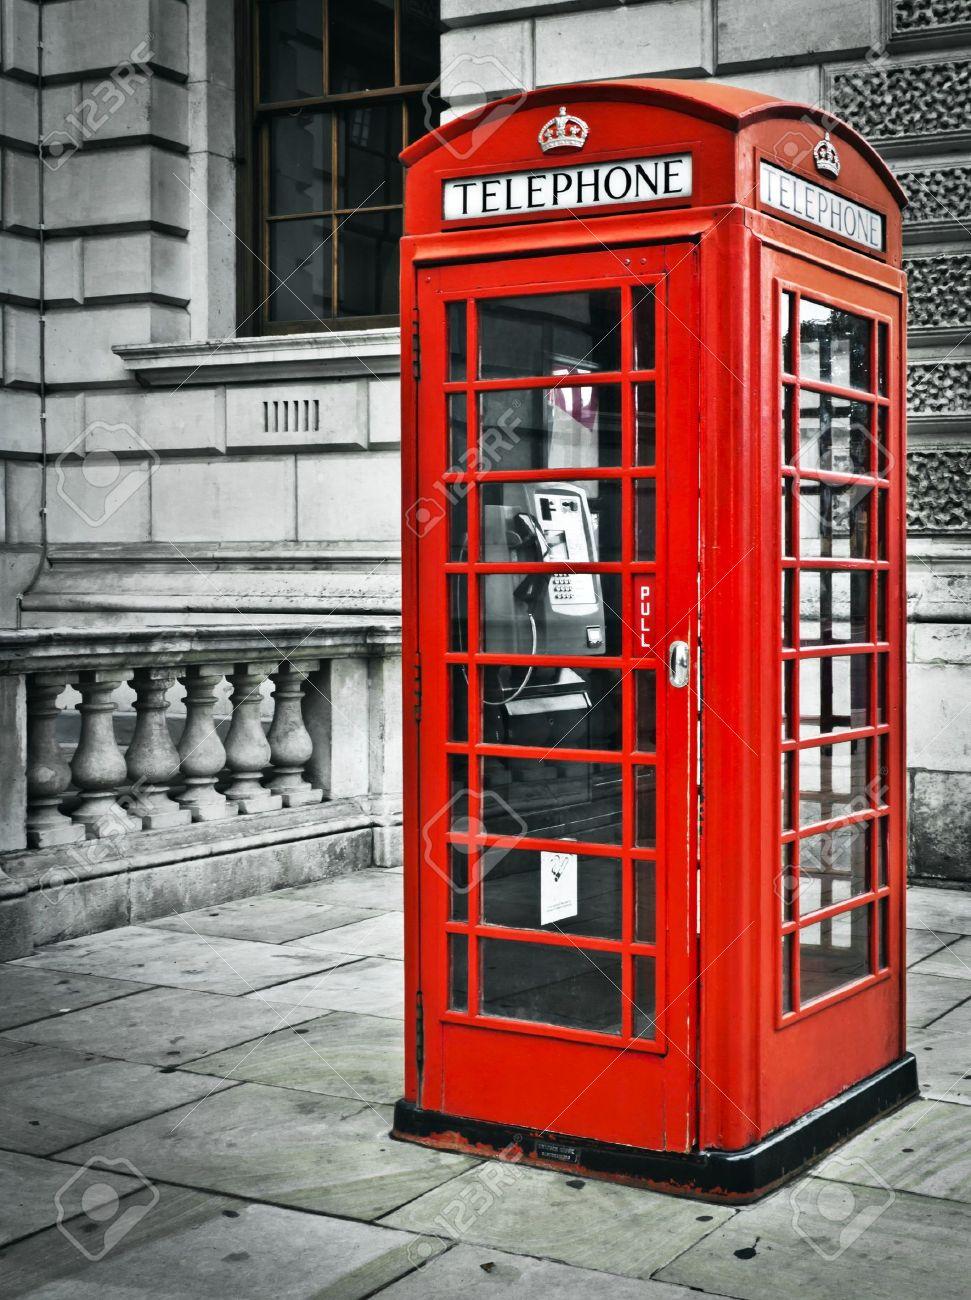 Telephone Box 1970-now